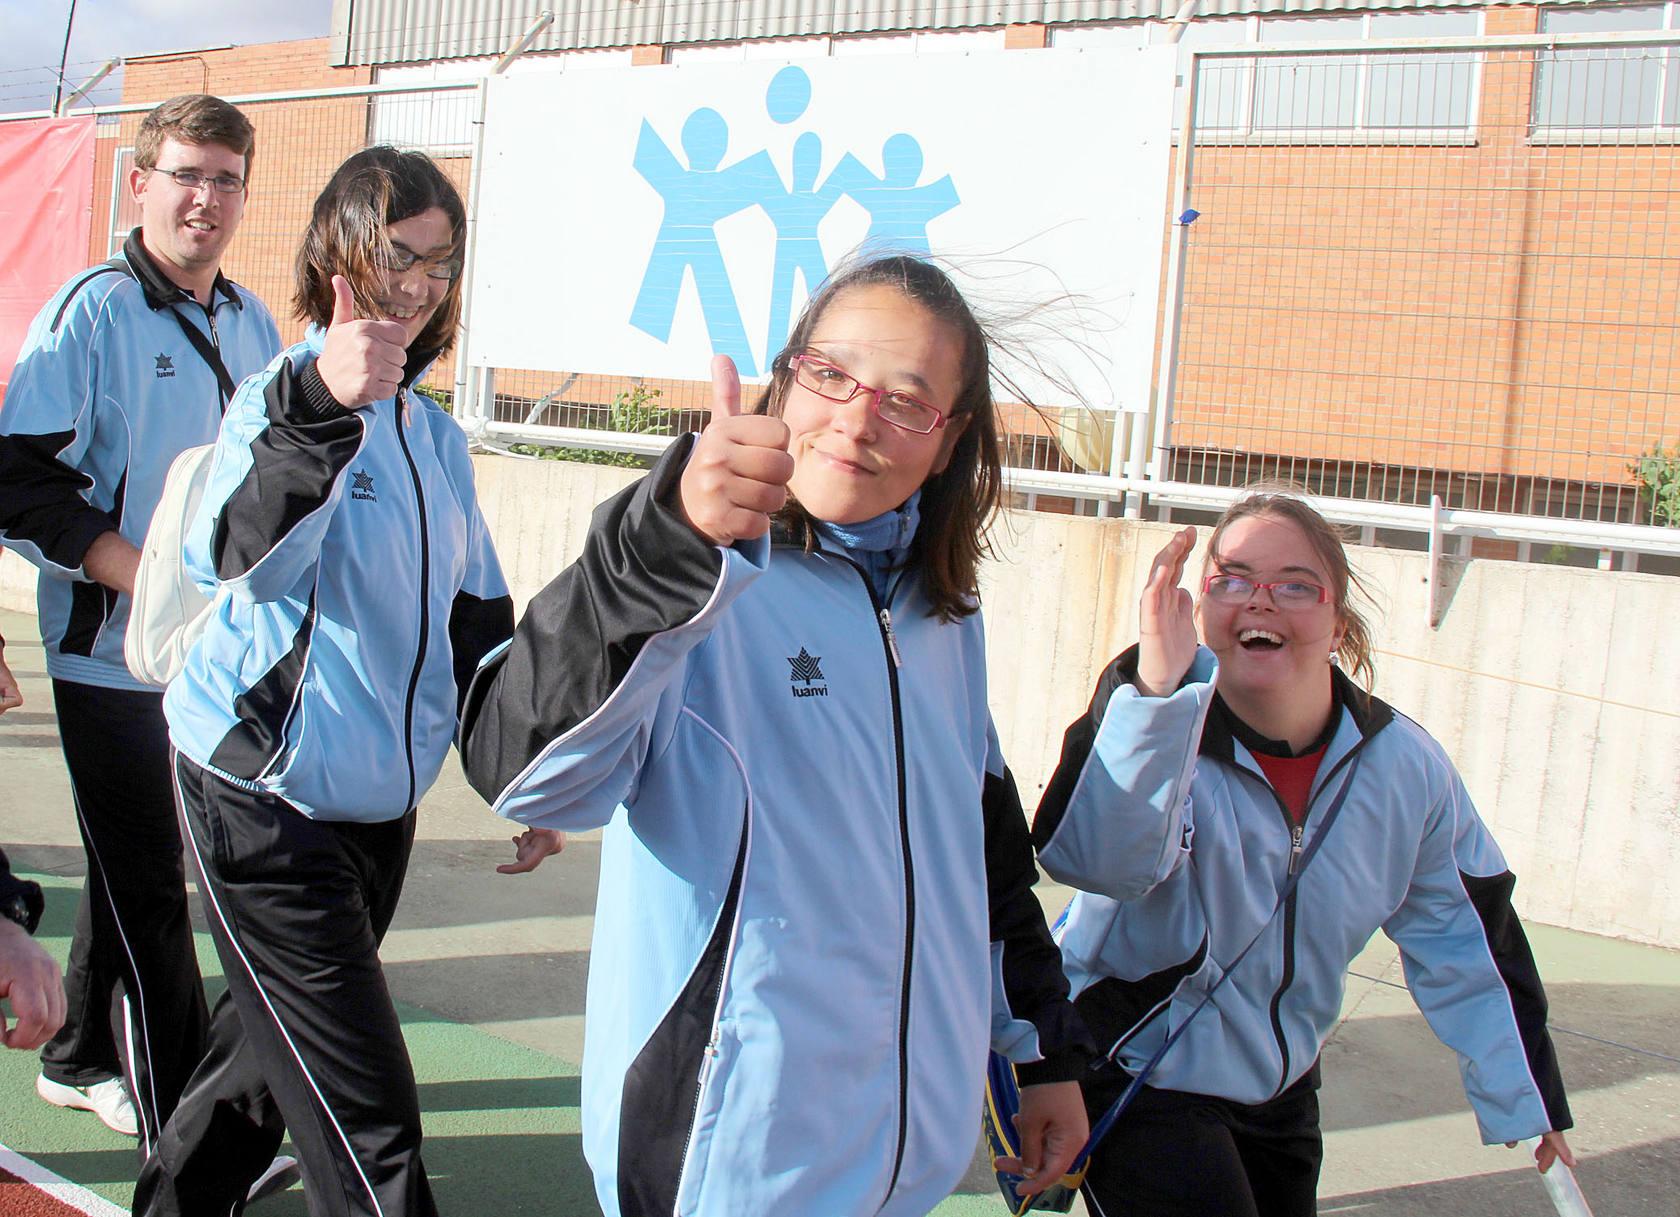 Fin de curso de las escuelas deportivas en Cáceres